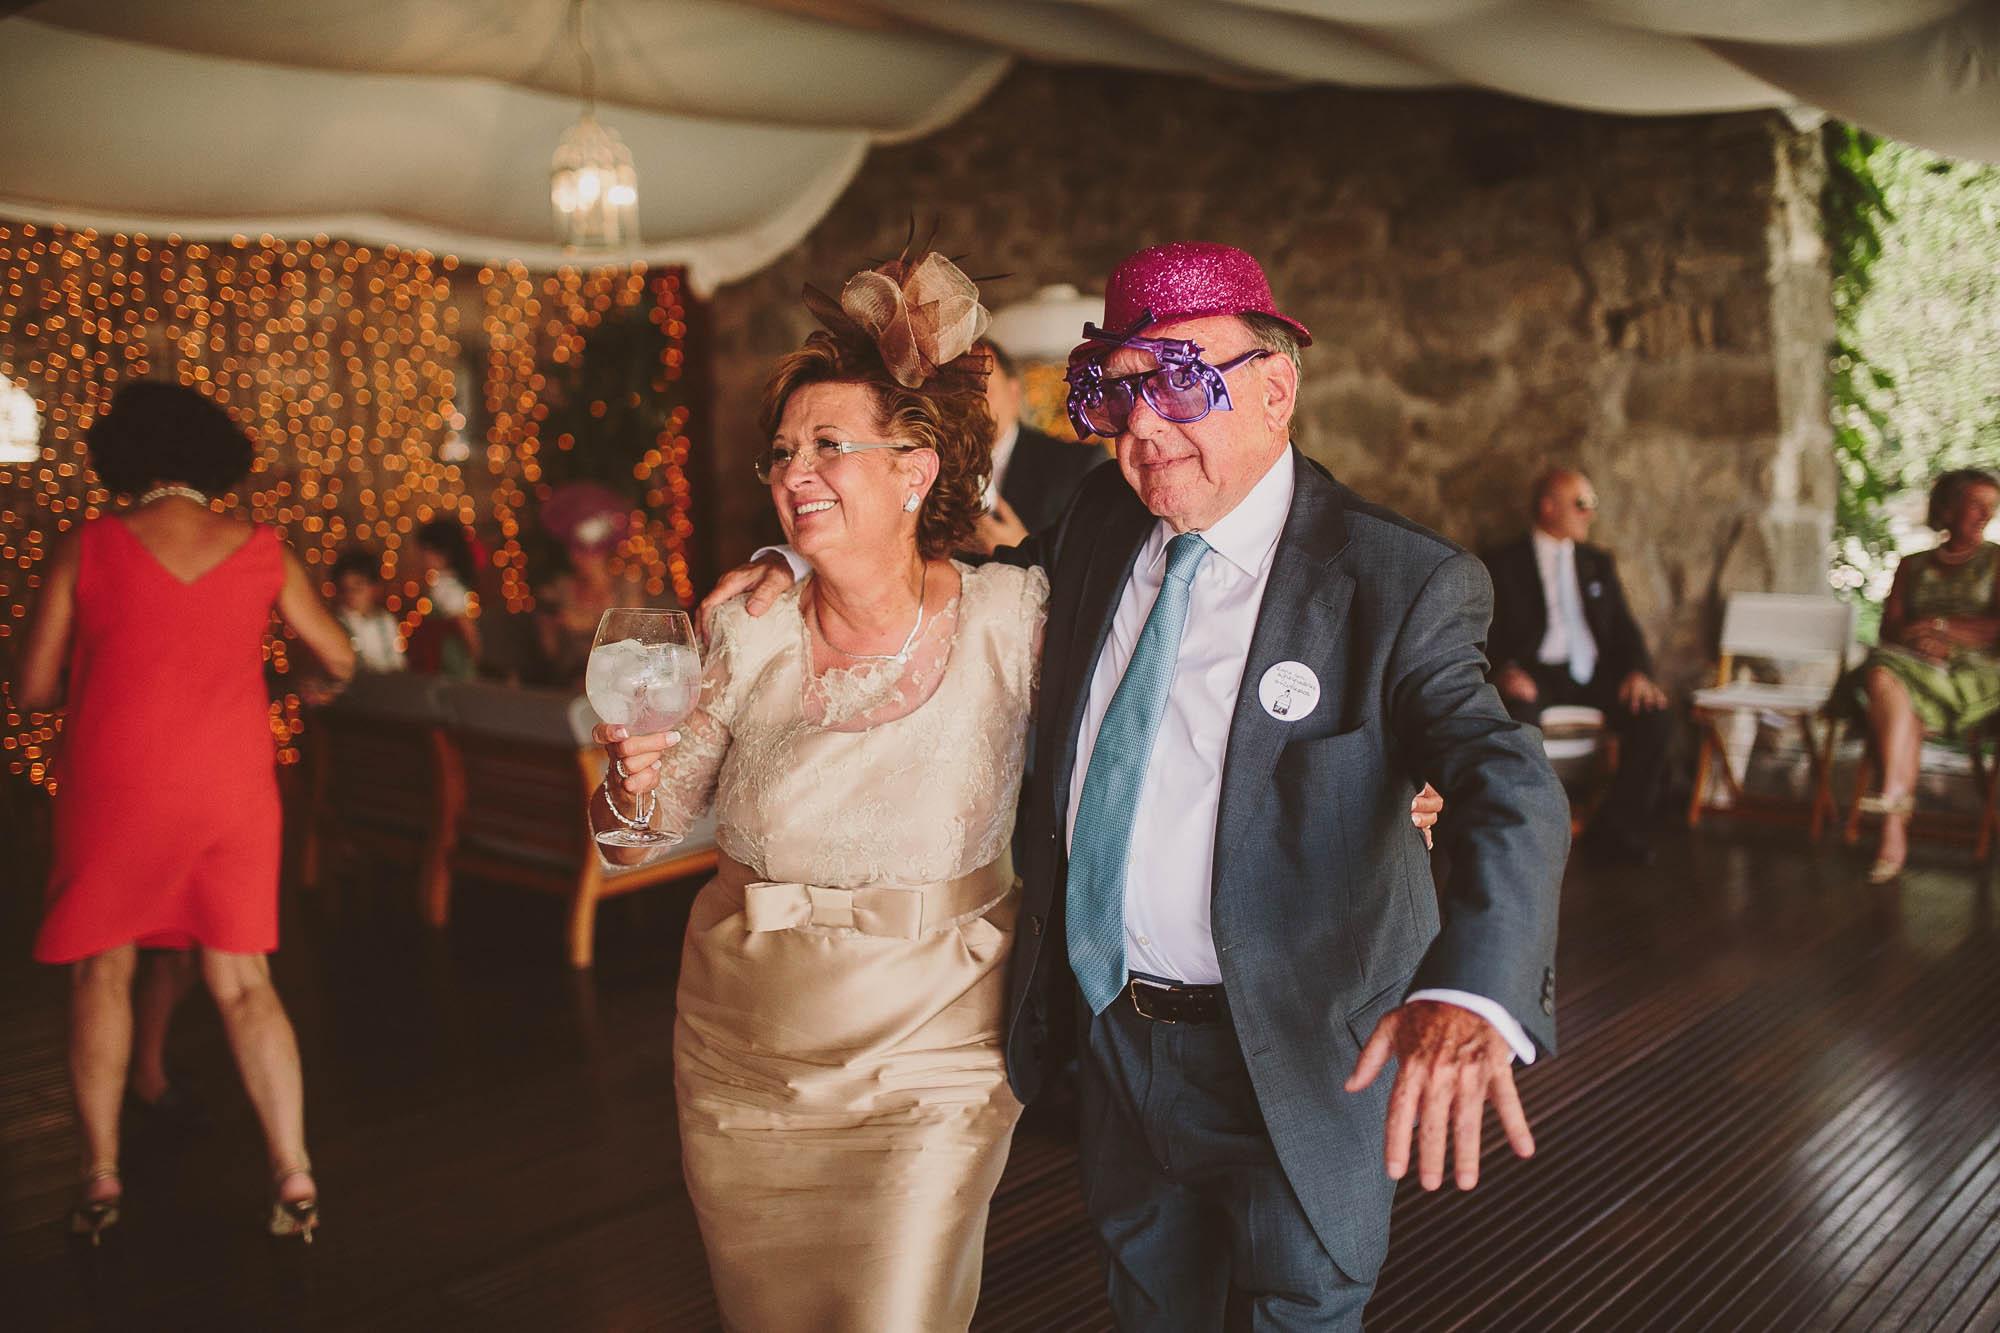 Los padre disfrazados se divierten durante la fiesta